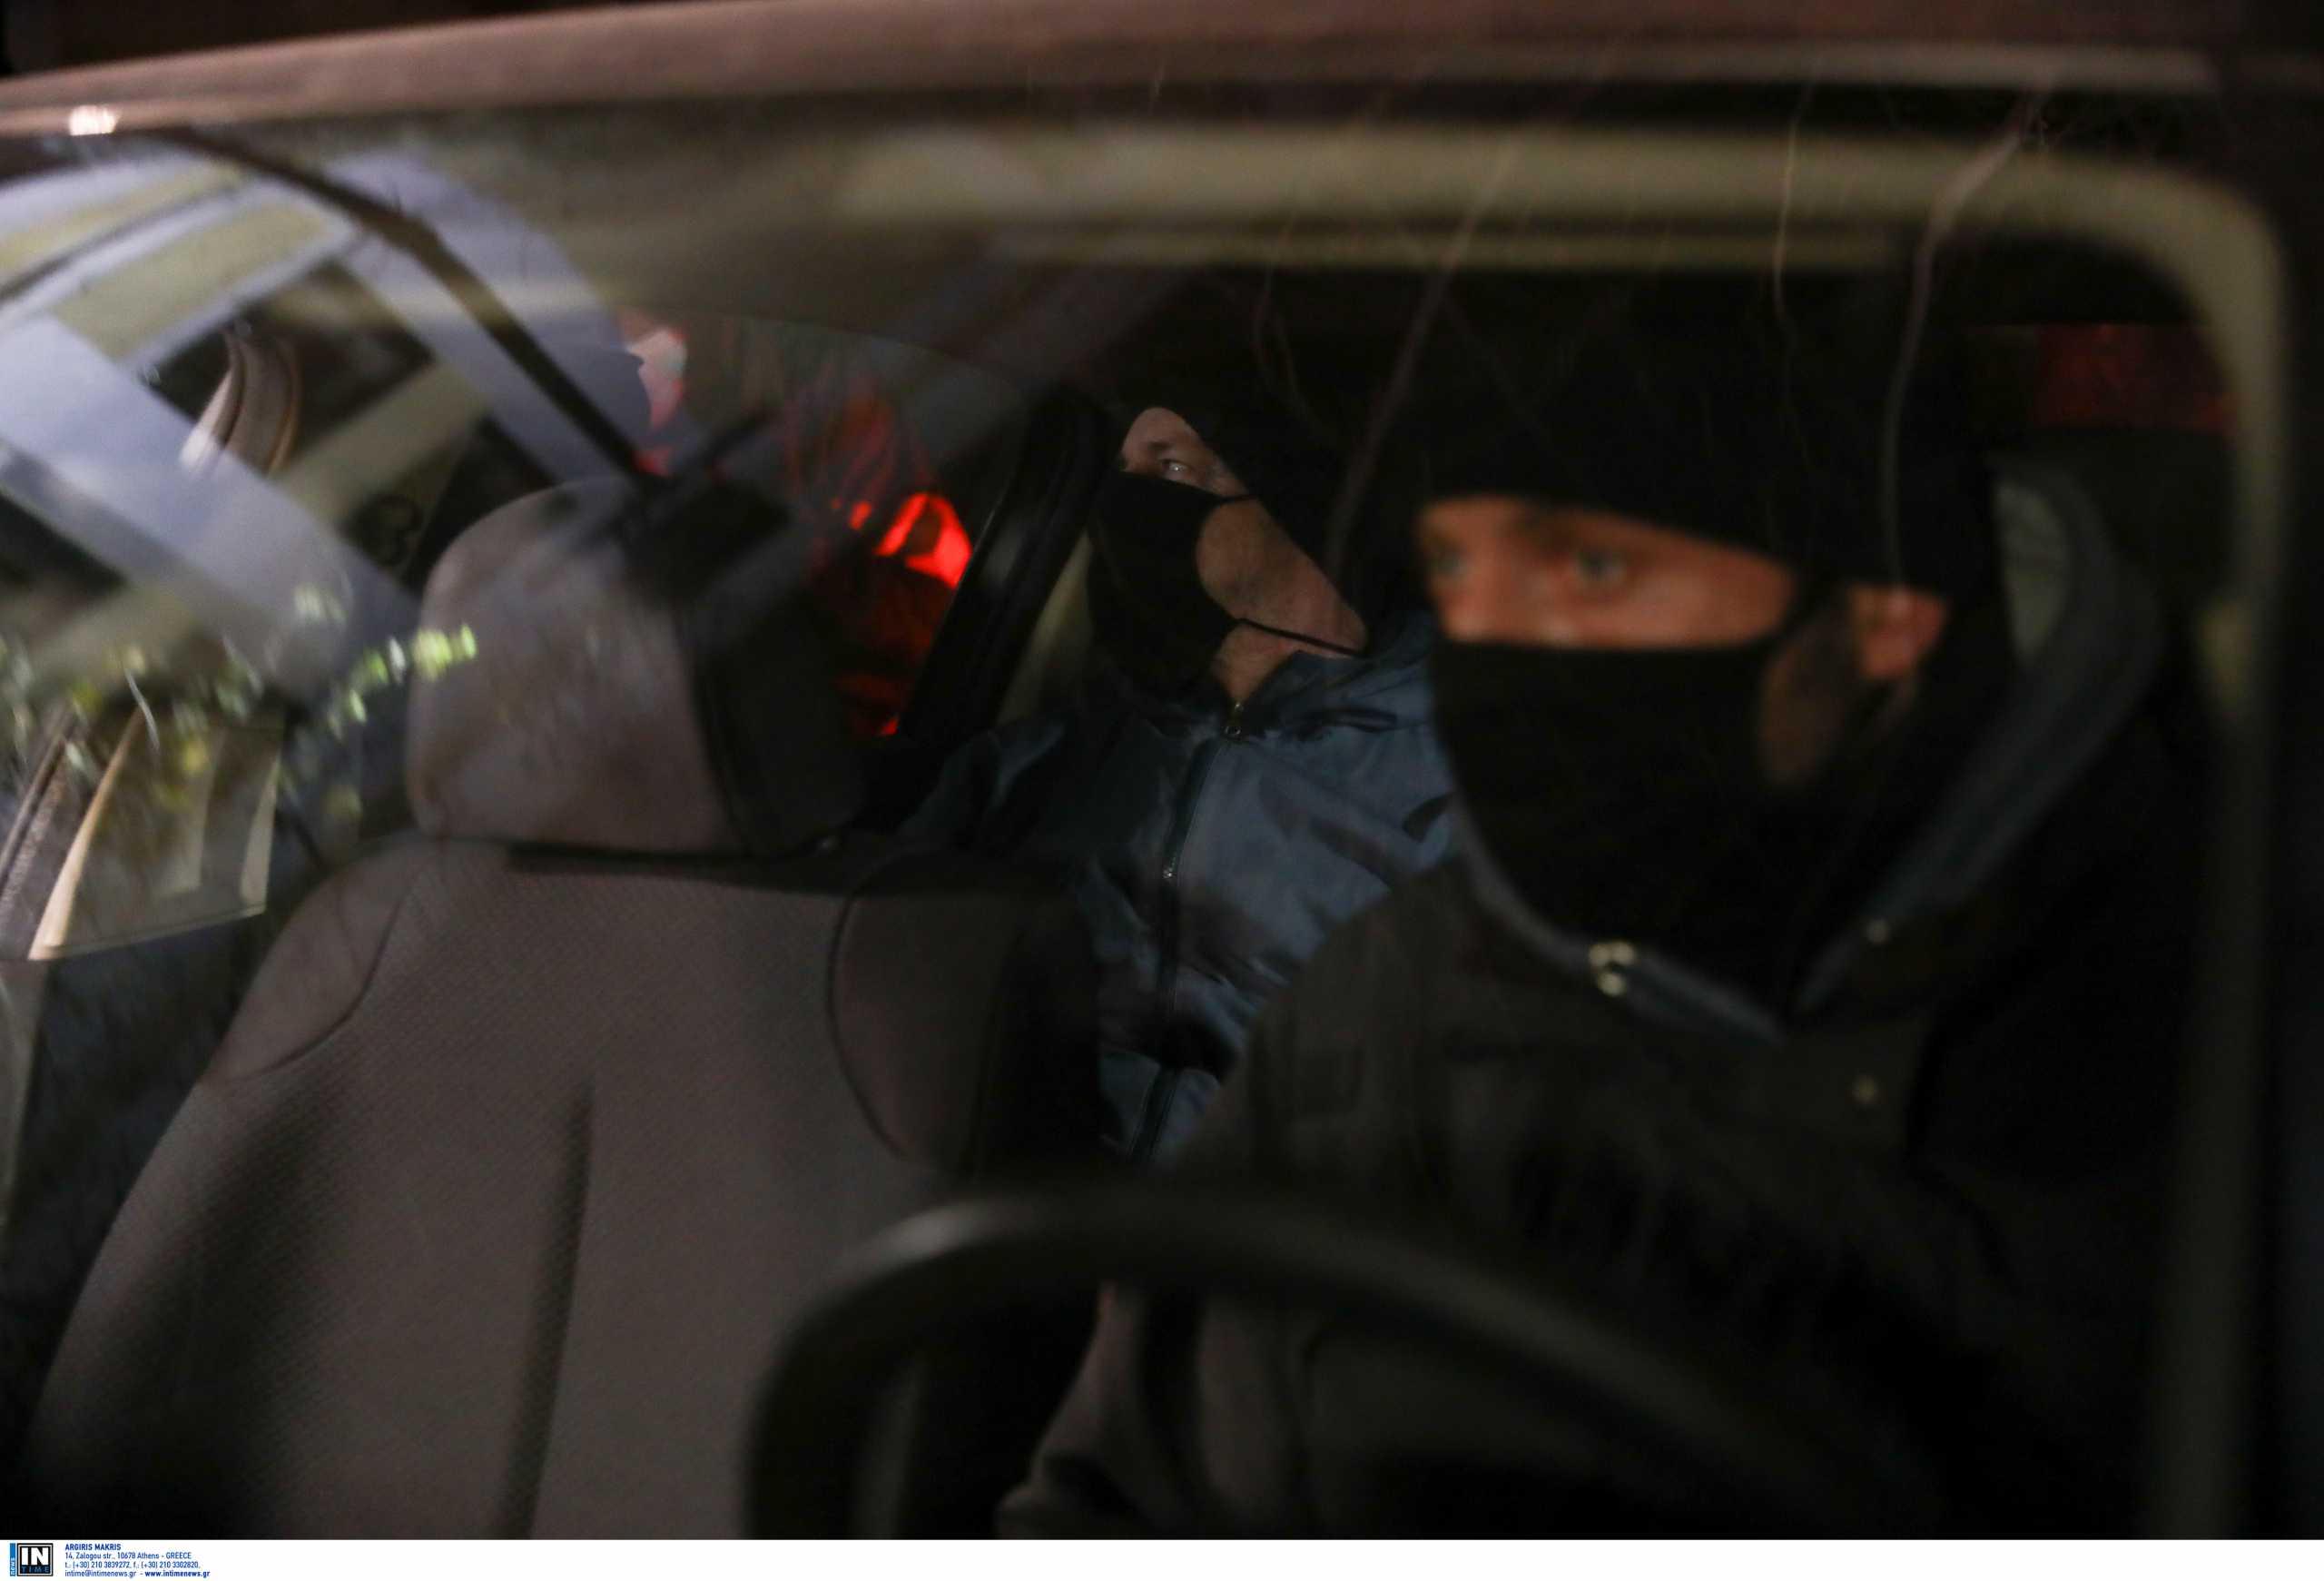 Δημήτρης Λιγνάδης: Εντολή για έκτακτη μεταγωγή του στις φυλακές Τρίπολης